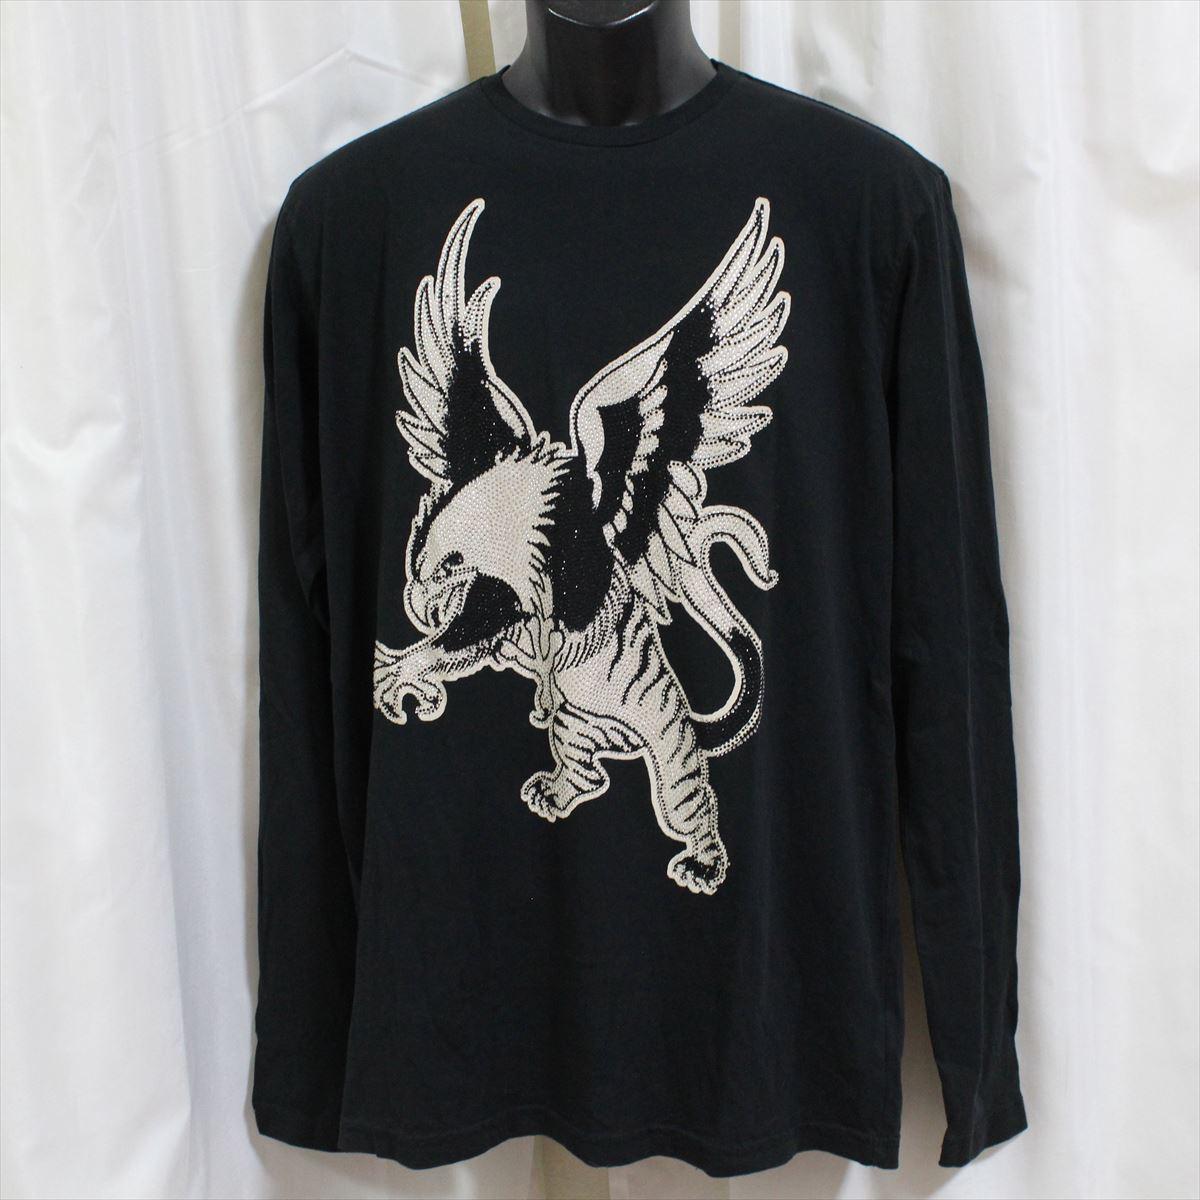 エドハーディー ED HARDY メンズ長袖Tシャツ ブラック Mサイズ LT409 新品 ドン・エド・ハーディー_画像1